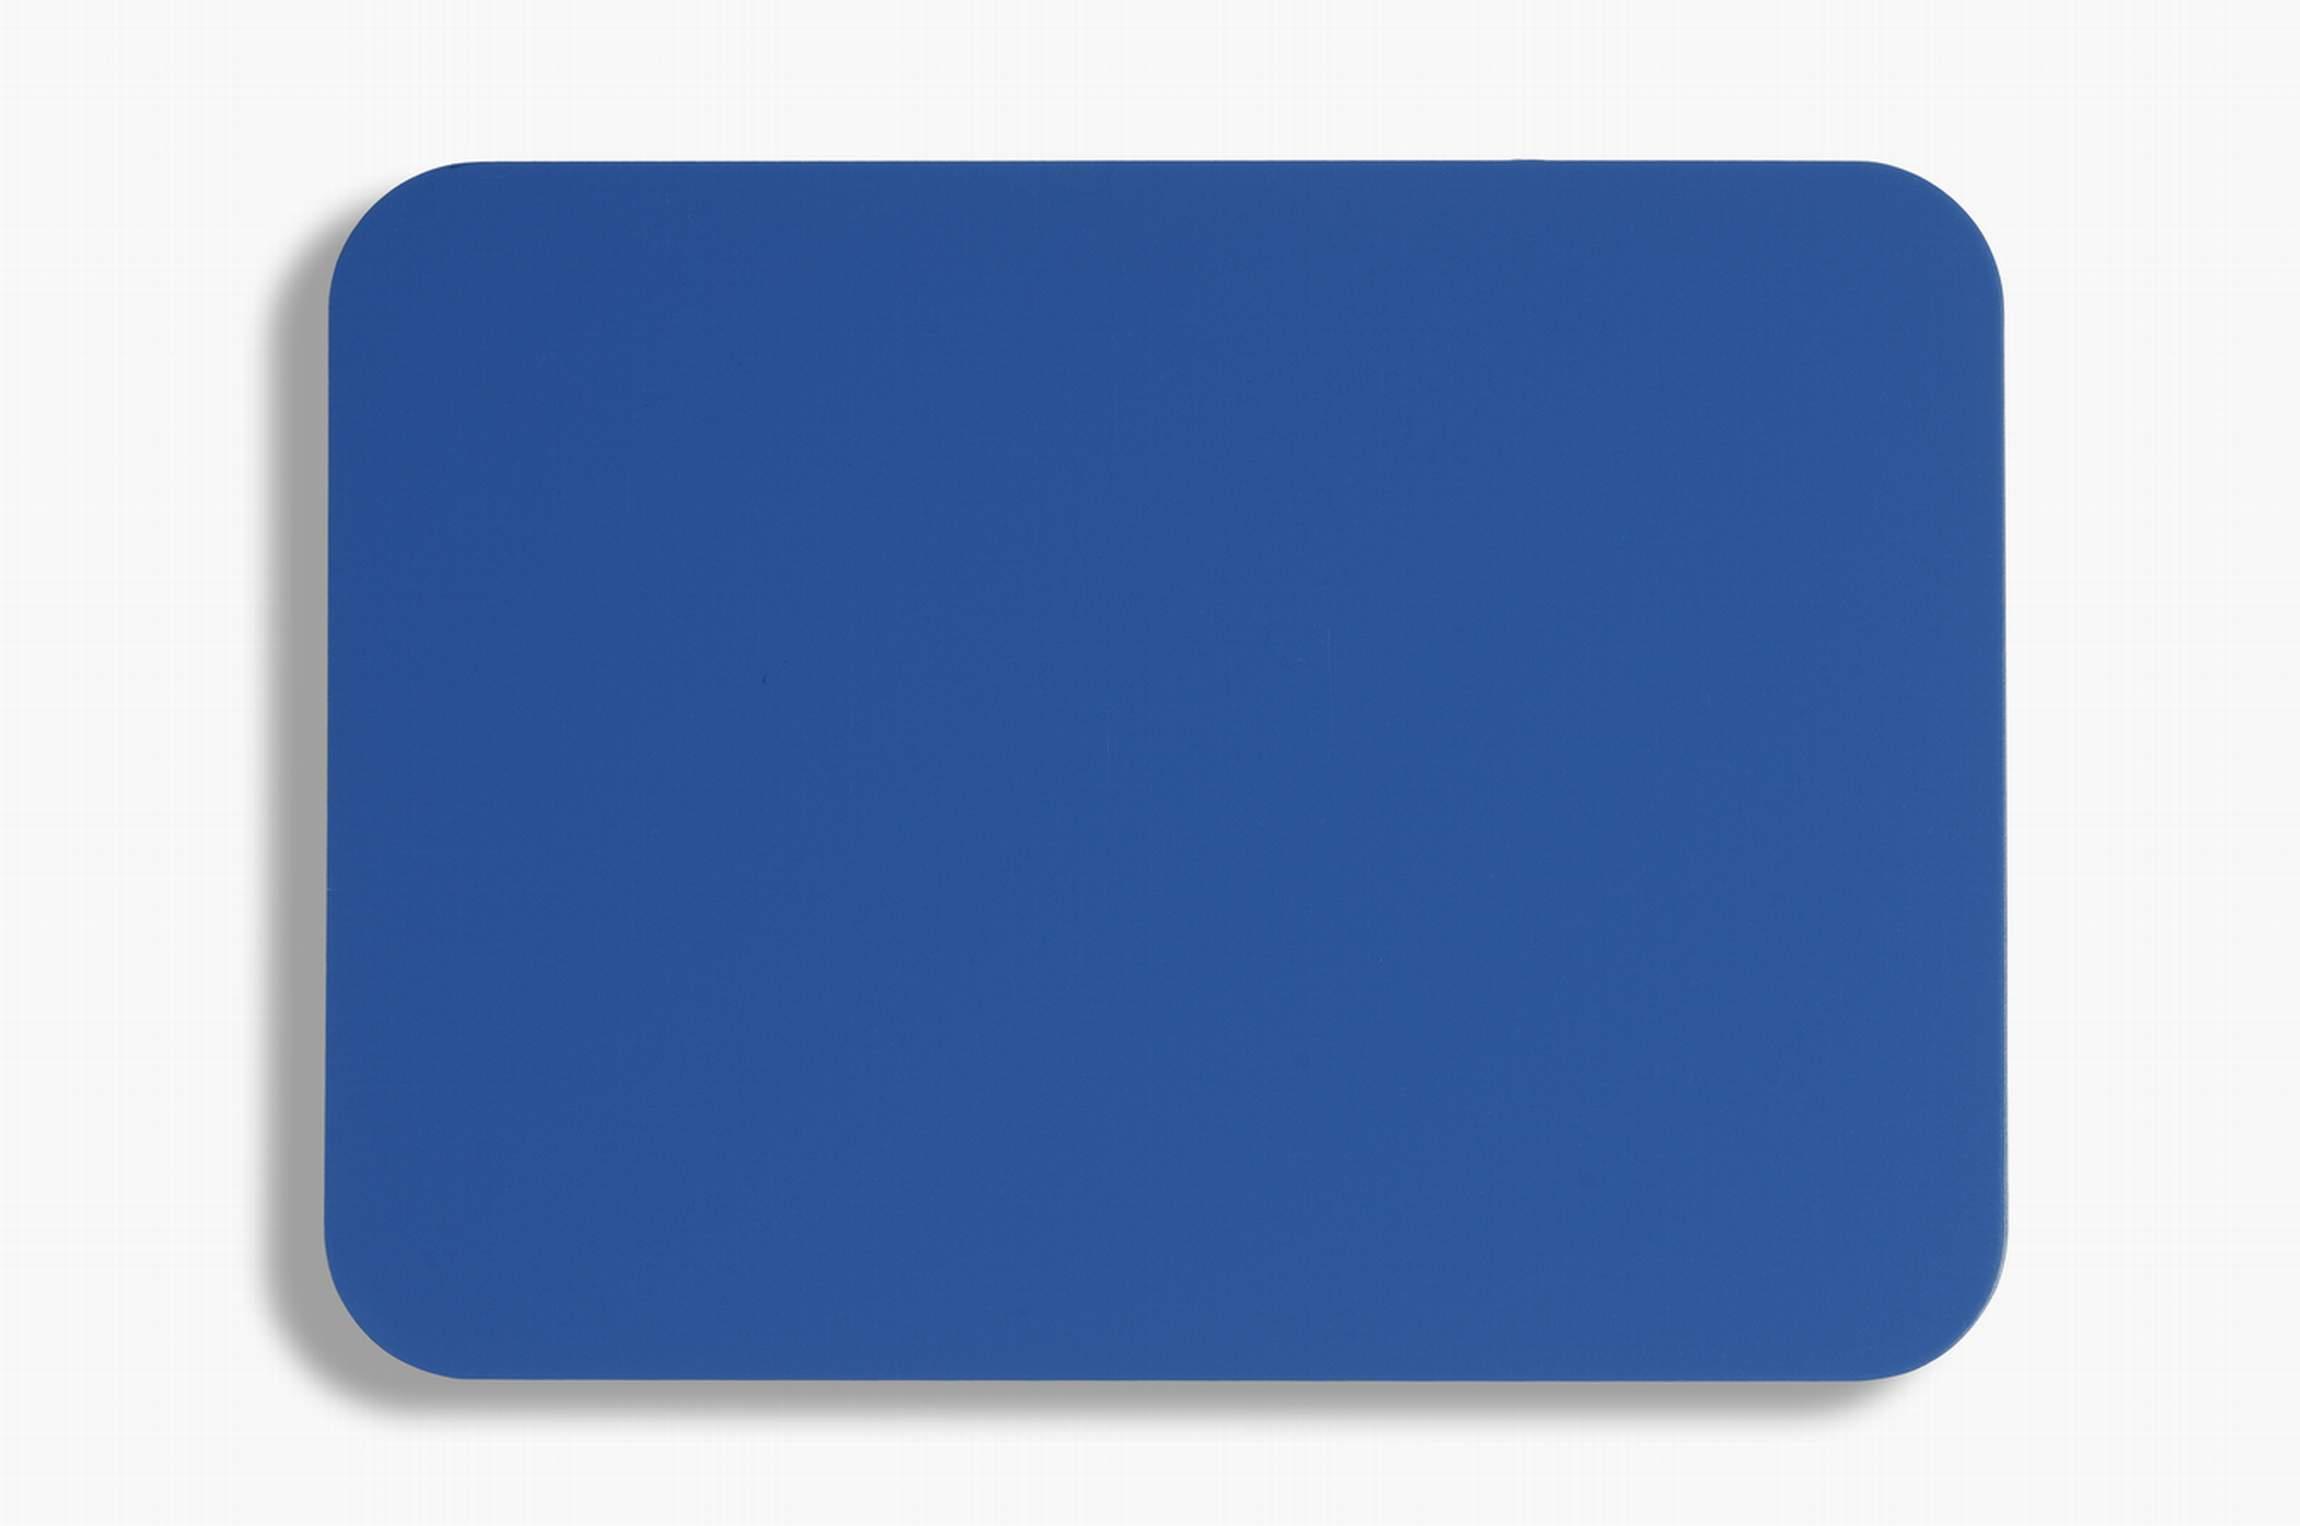 铝塑板电信蓝图片